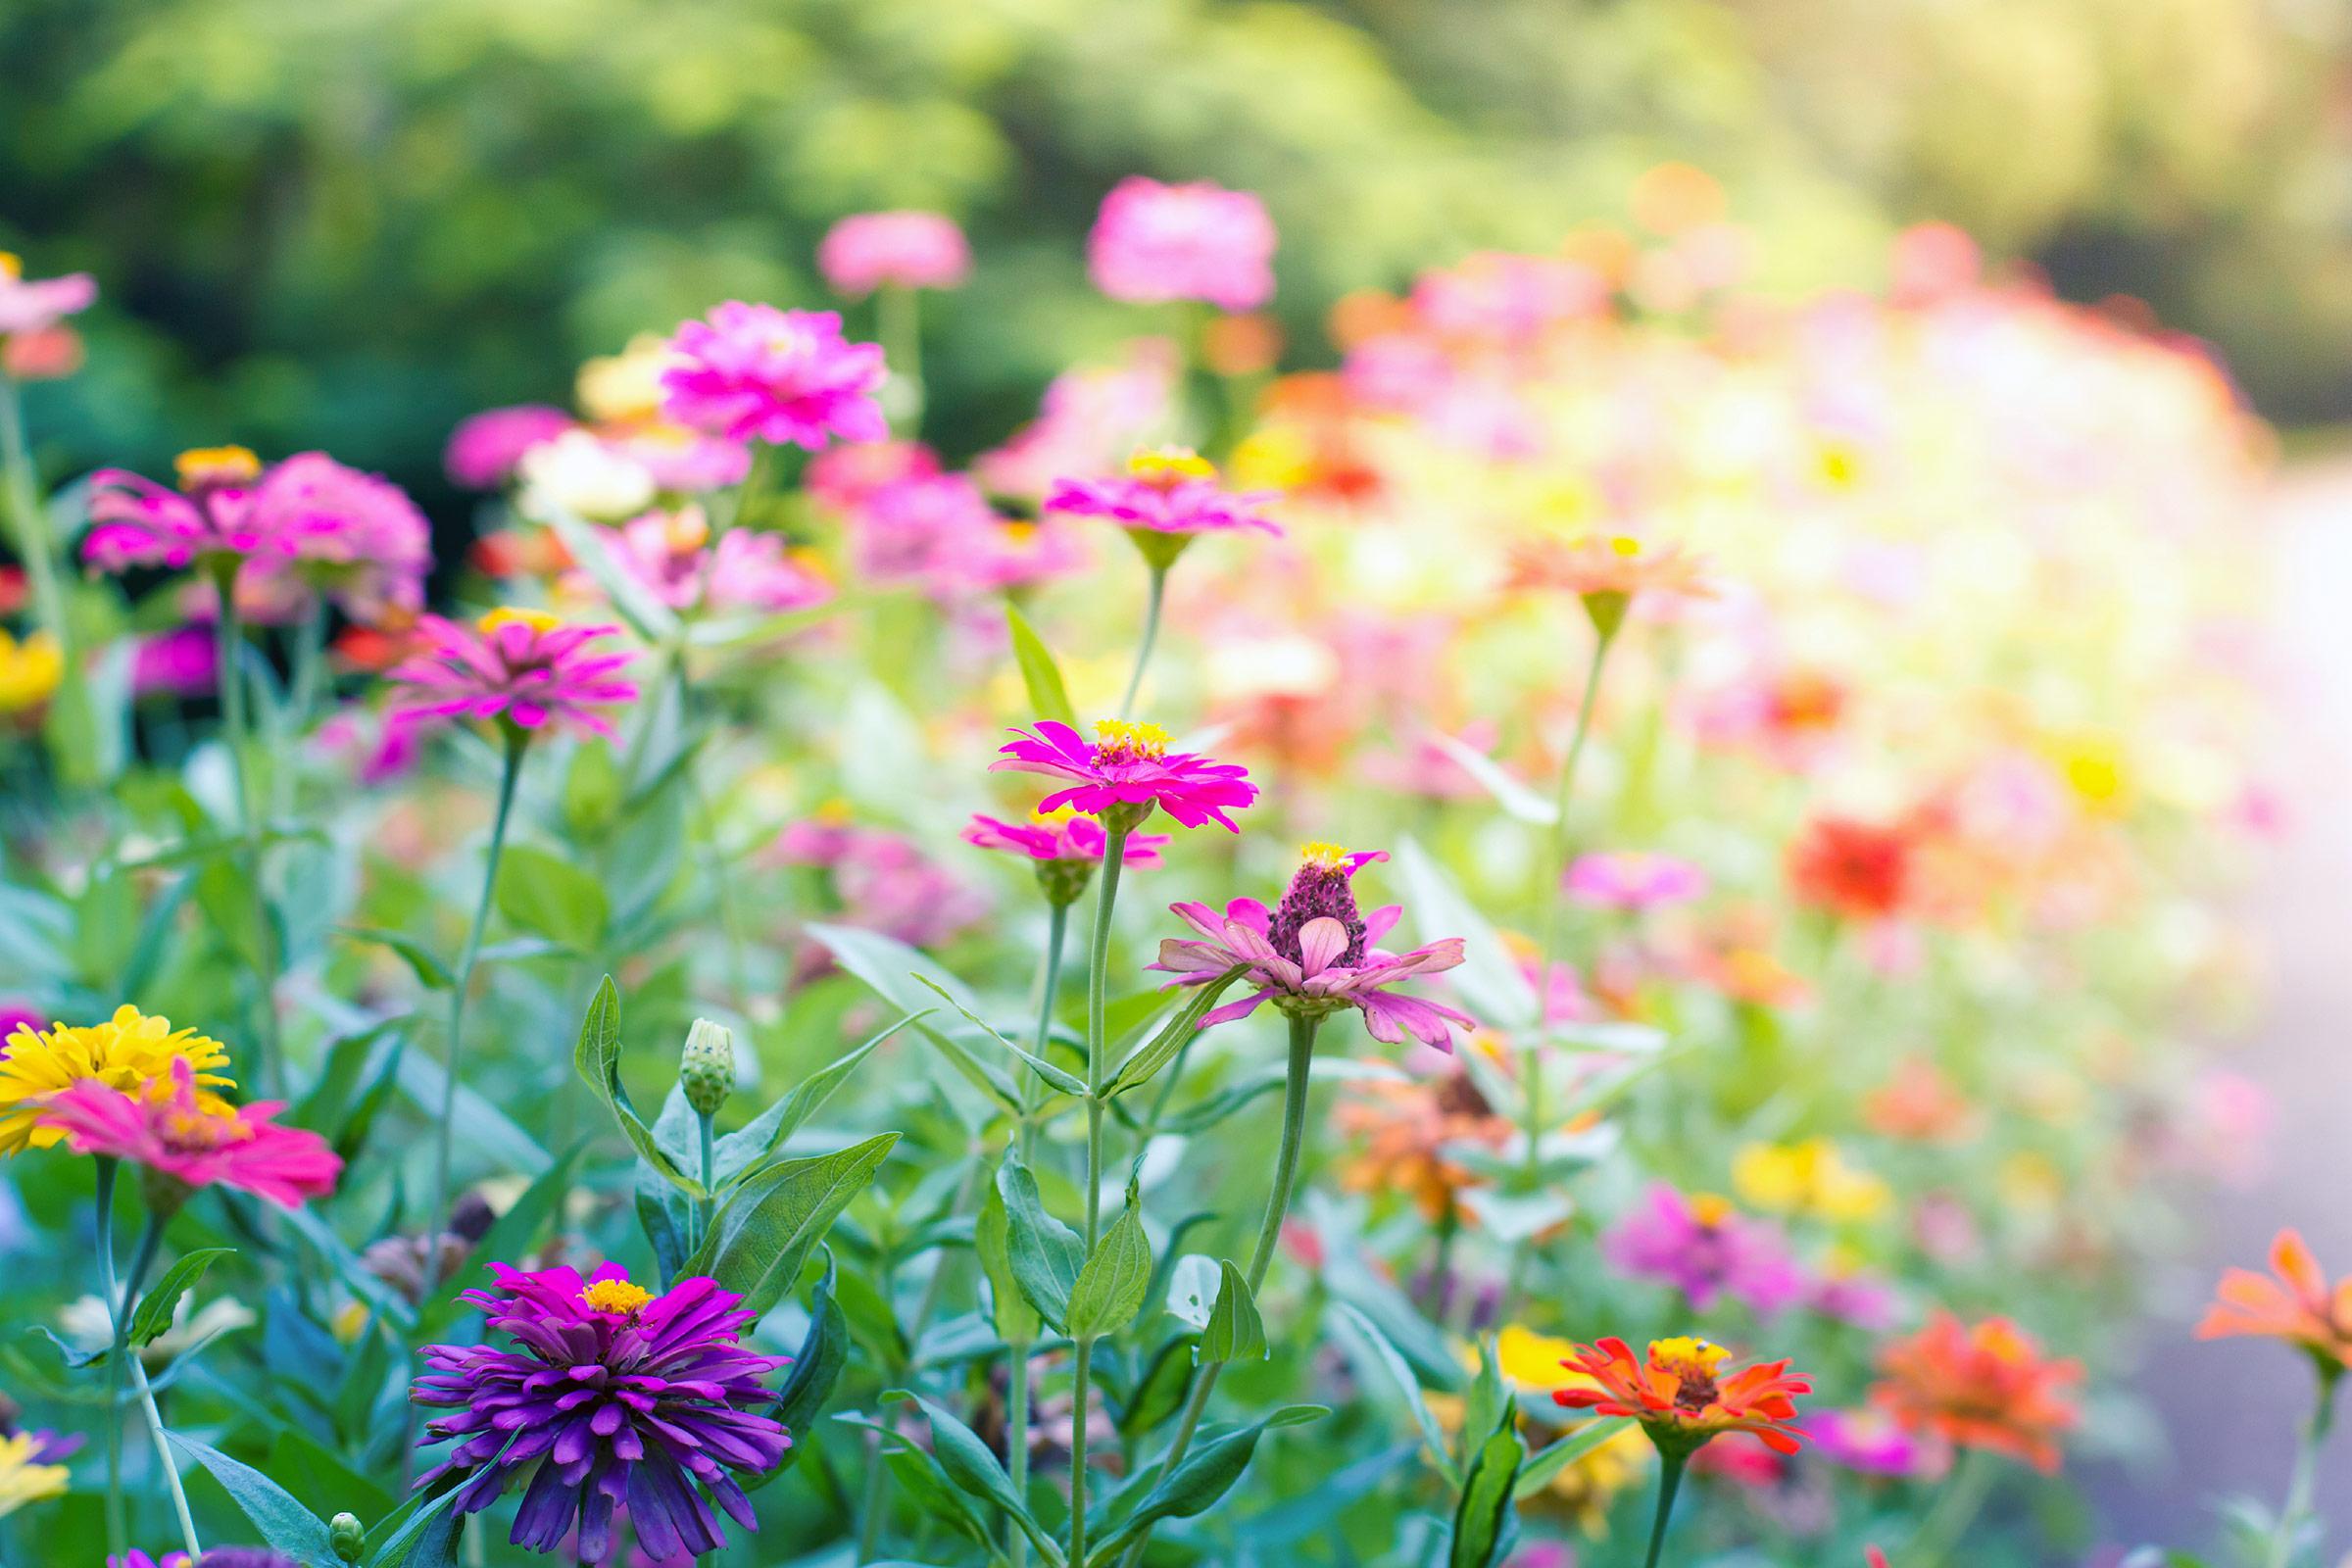 01,tips,butterfly,garden,vibrant,flowers